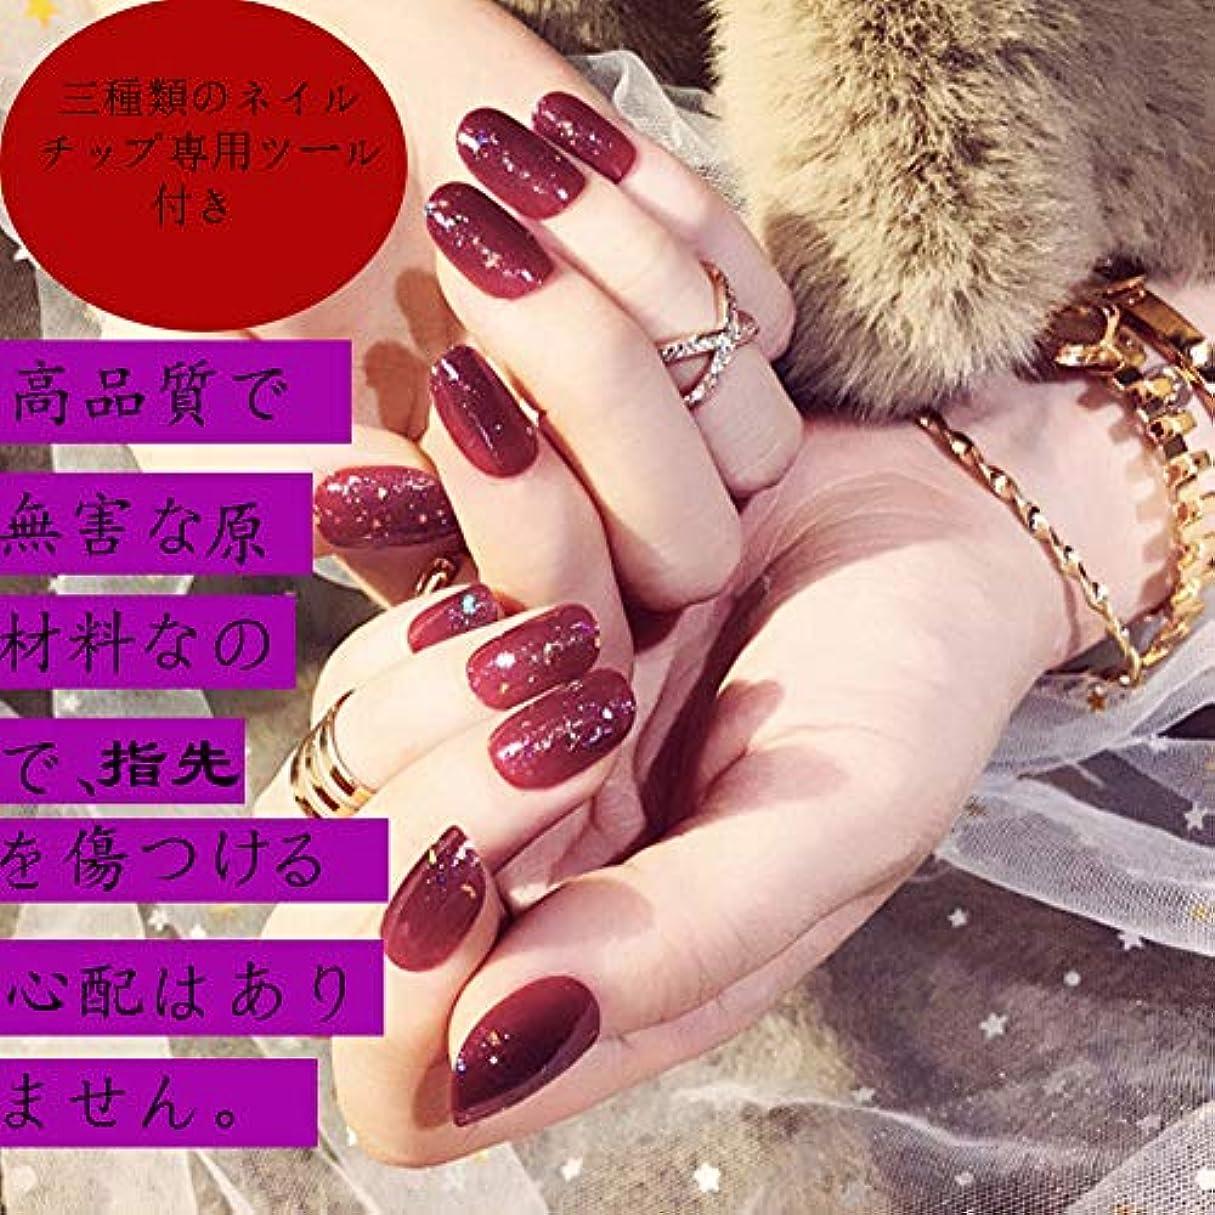 粘着性一見不格好HuangHM小悪魔系キレイ魅せネイルチップ ライトセラピー人体に无害上品 ヌーディ グラマラスクール ネイルチップ つけ爪なかっこいい系 付け爪 簡単便利な付け爪 エレガント 和柄着物和装成人式にも